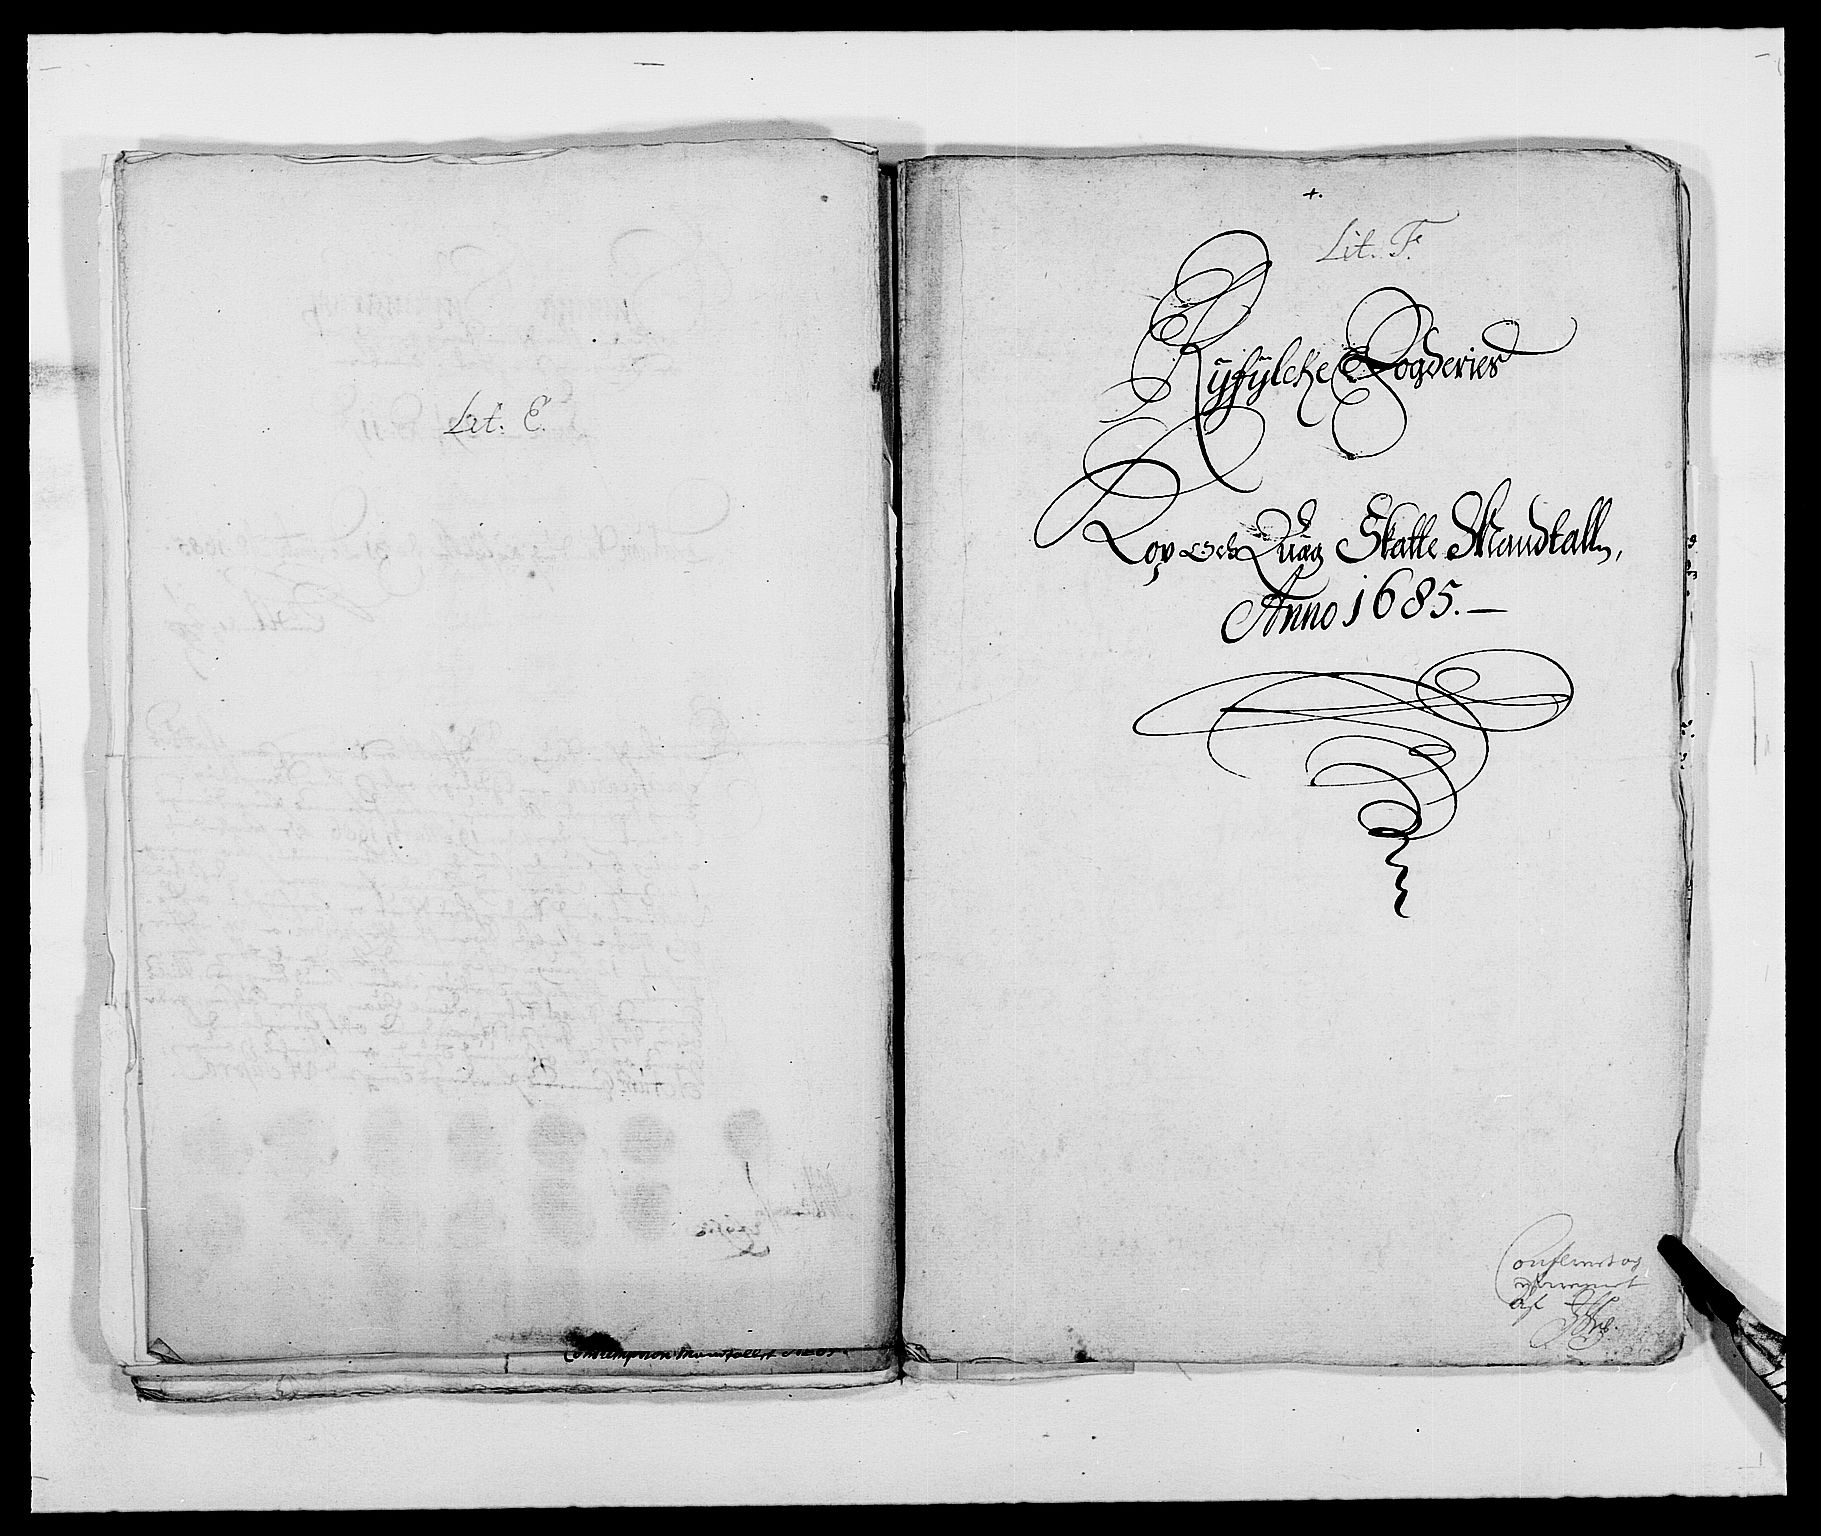 RA, Rentekammeret inntil 1814, Reviderte regnskaper, Fogderegnskap, R47/L2855: Fogderegnskap Ryfylke, 1685-1688, s. 82